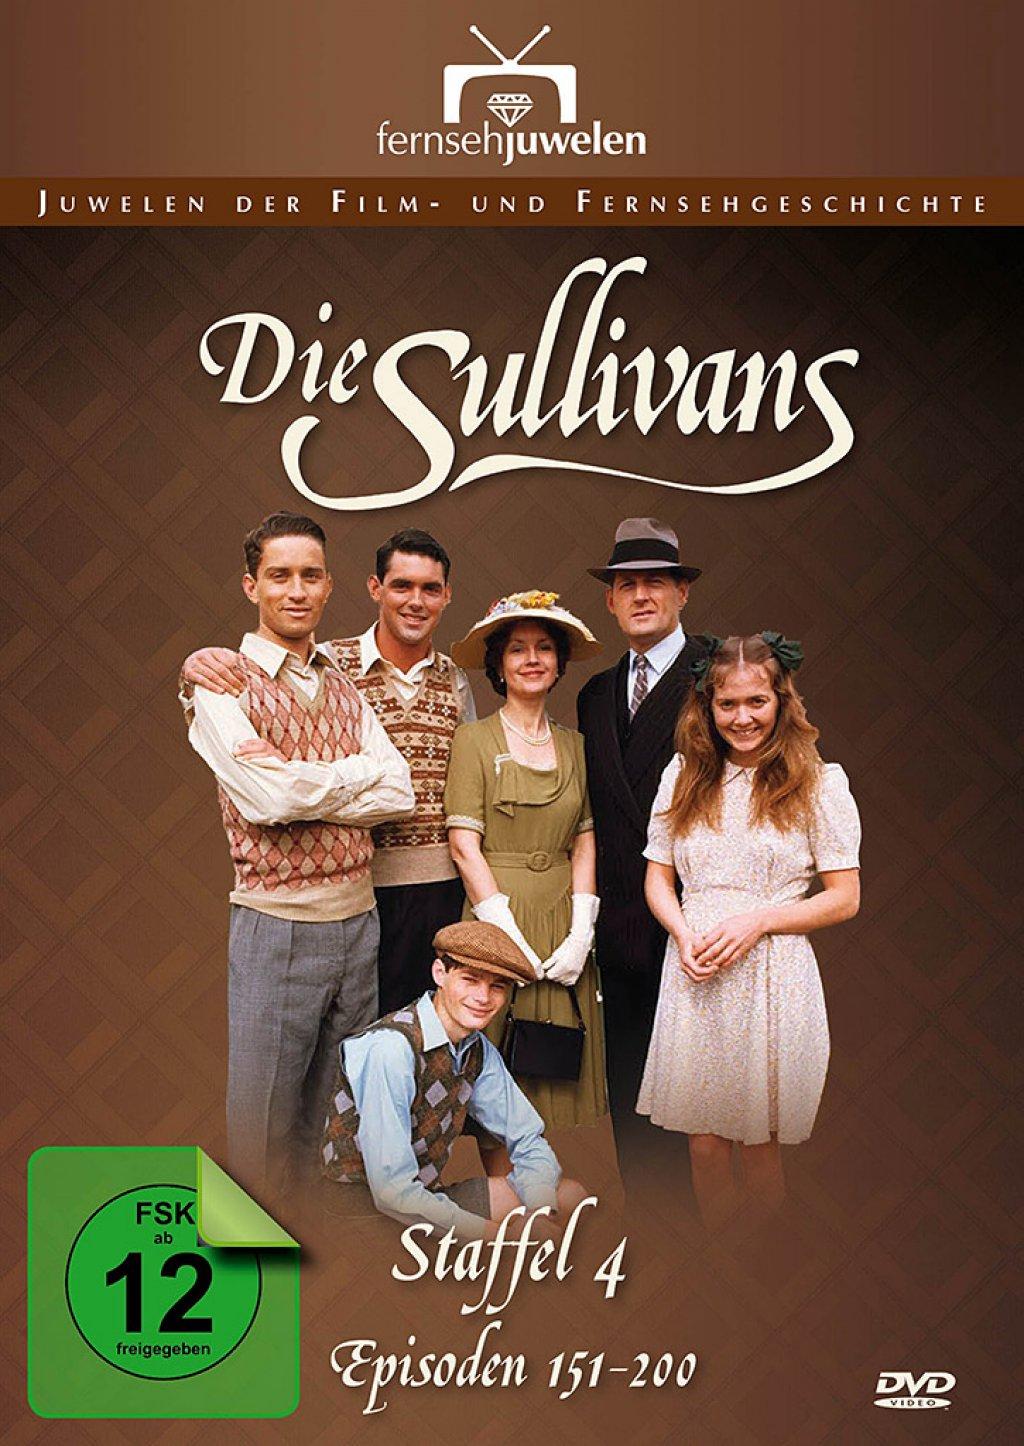 Die Sullivans - Staffel 4 / Episoden 151-200 (DVD)